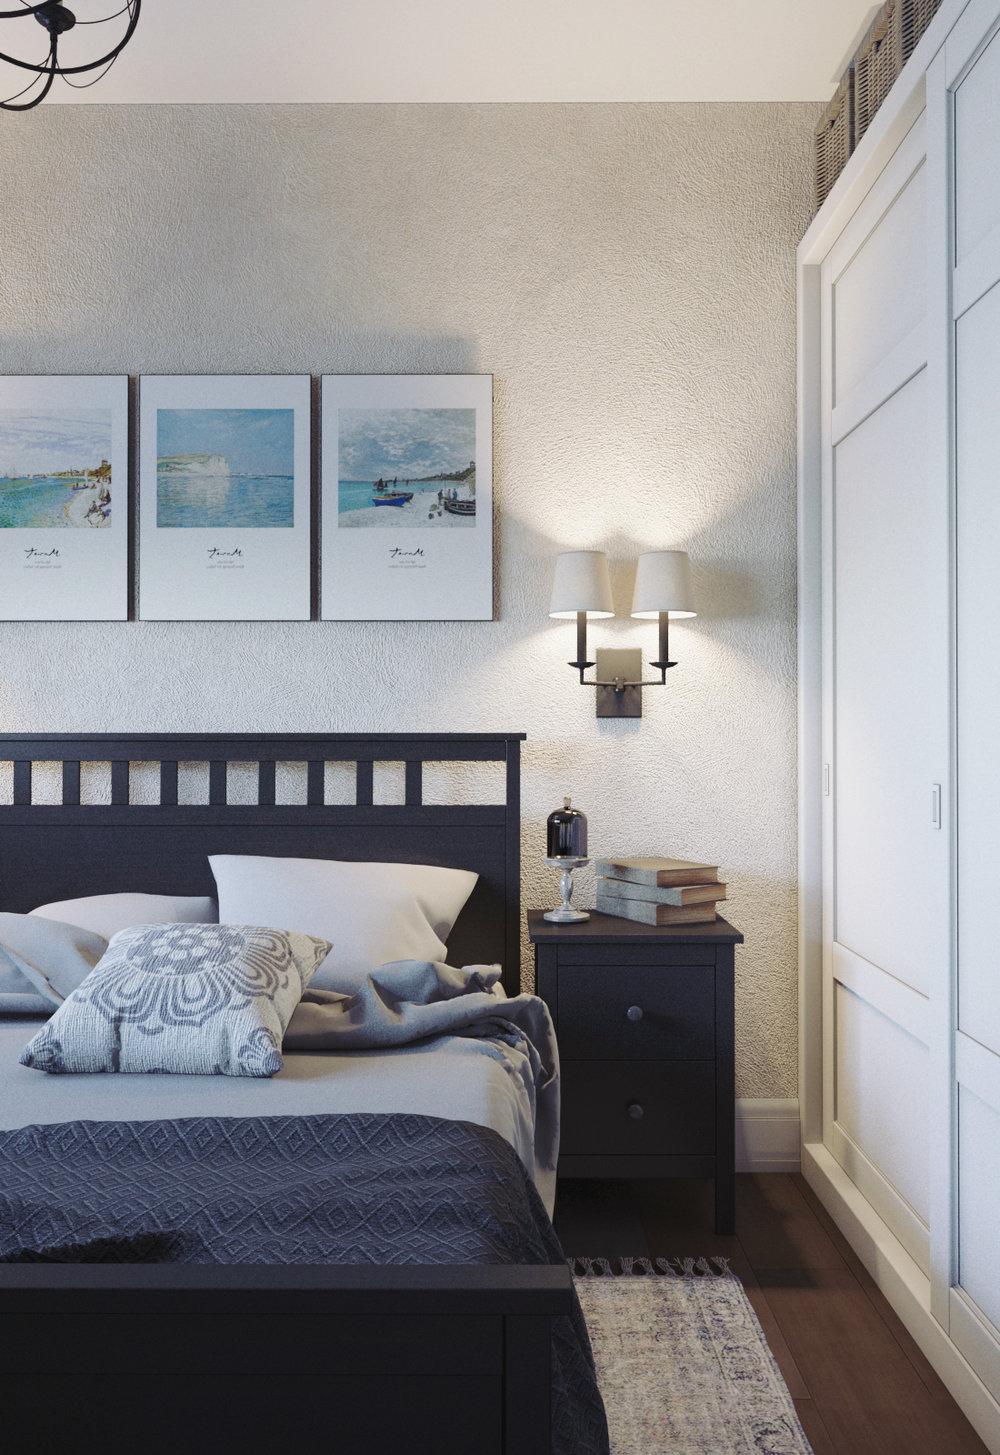 25_Bedroom_1 floor.jpg